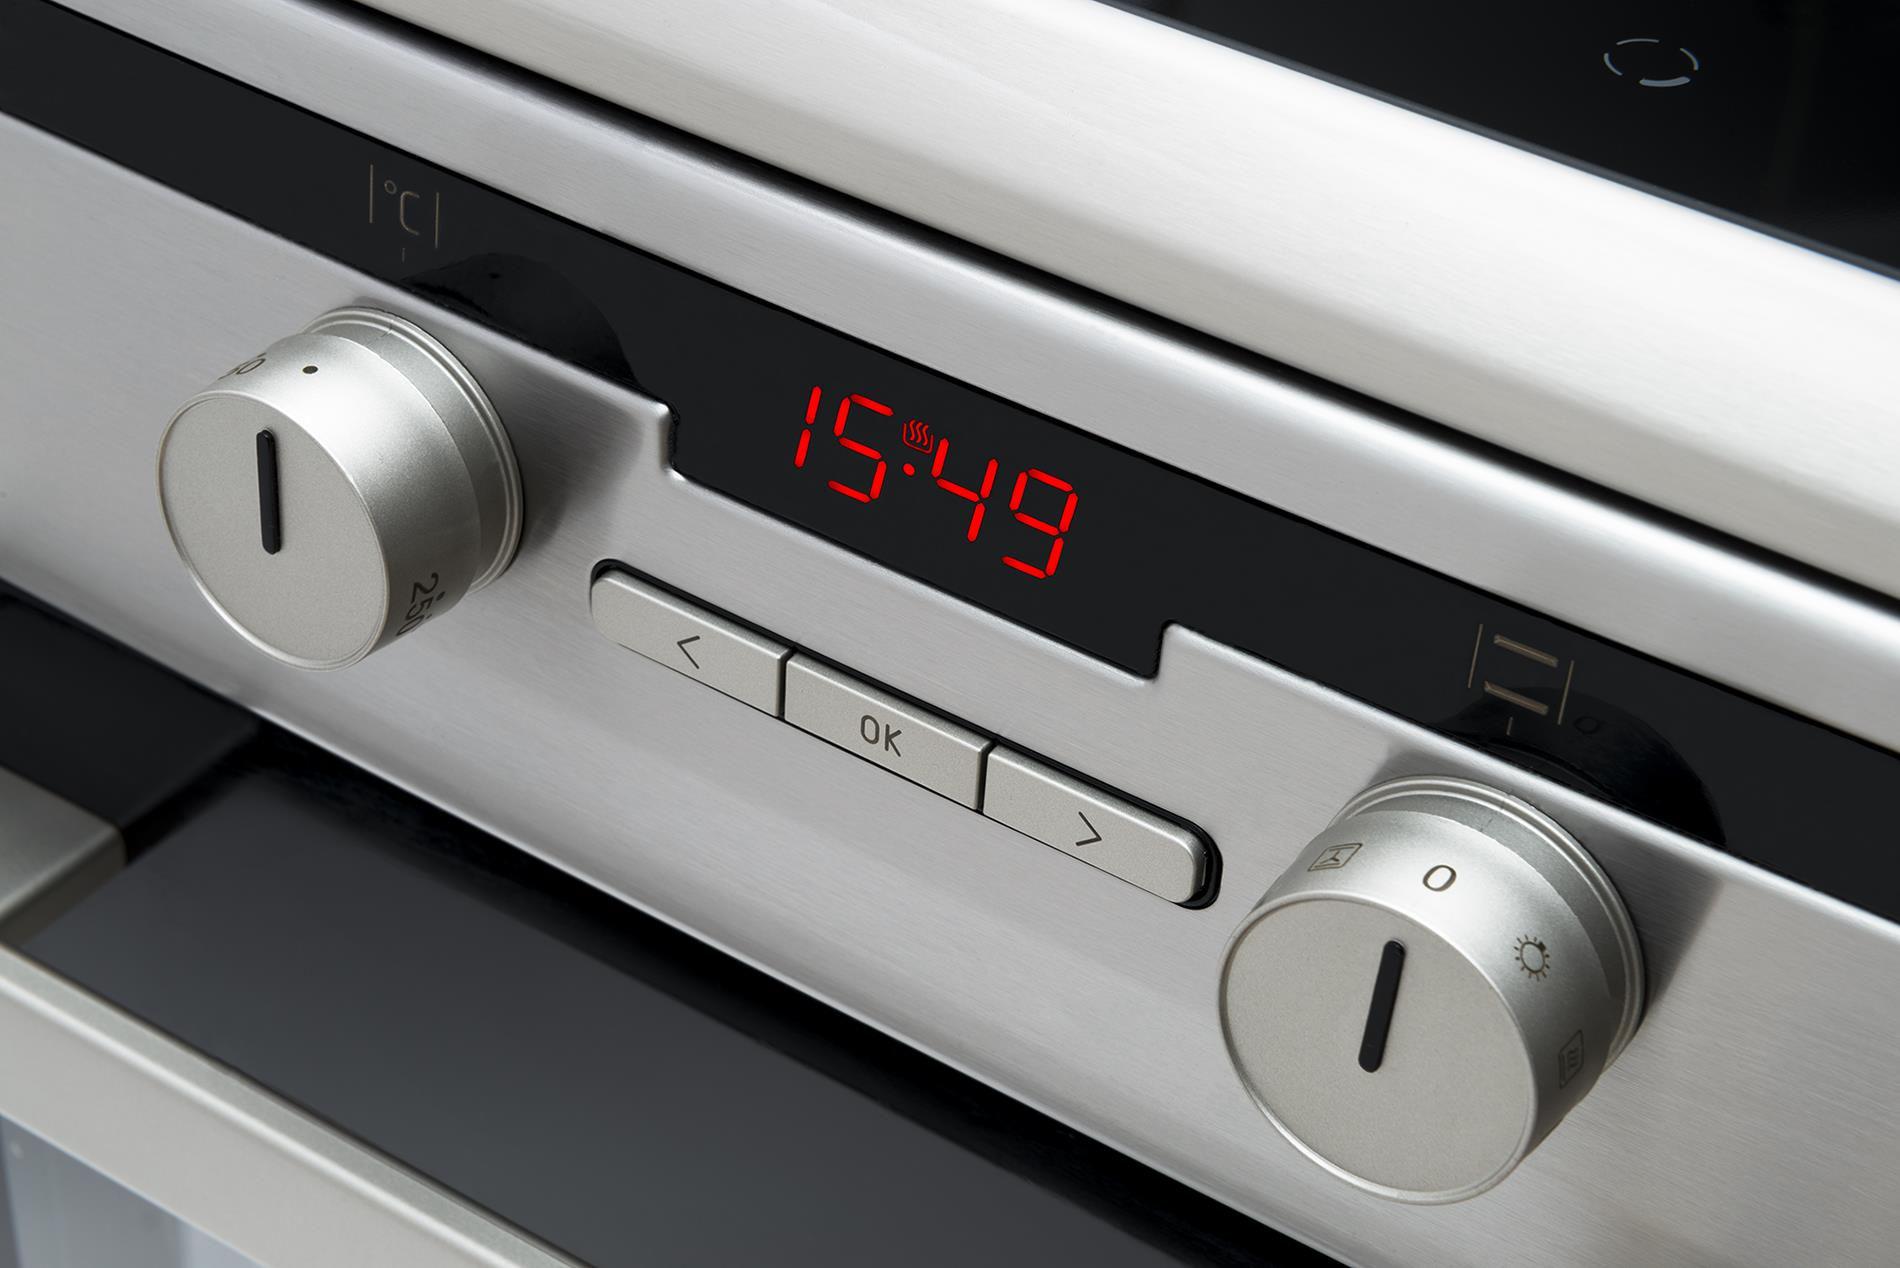 Kuchnia wolnostojąca indukcyjna 58IES2 320HTab(Xv)  Amica -> Kuchnia Indukcyjna Wolnostojąca Siemens